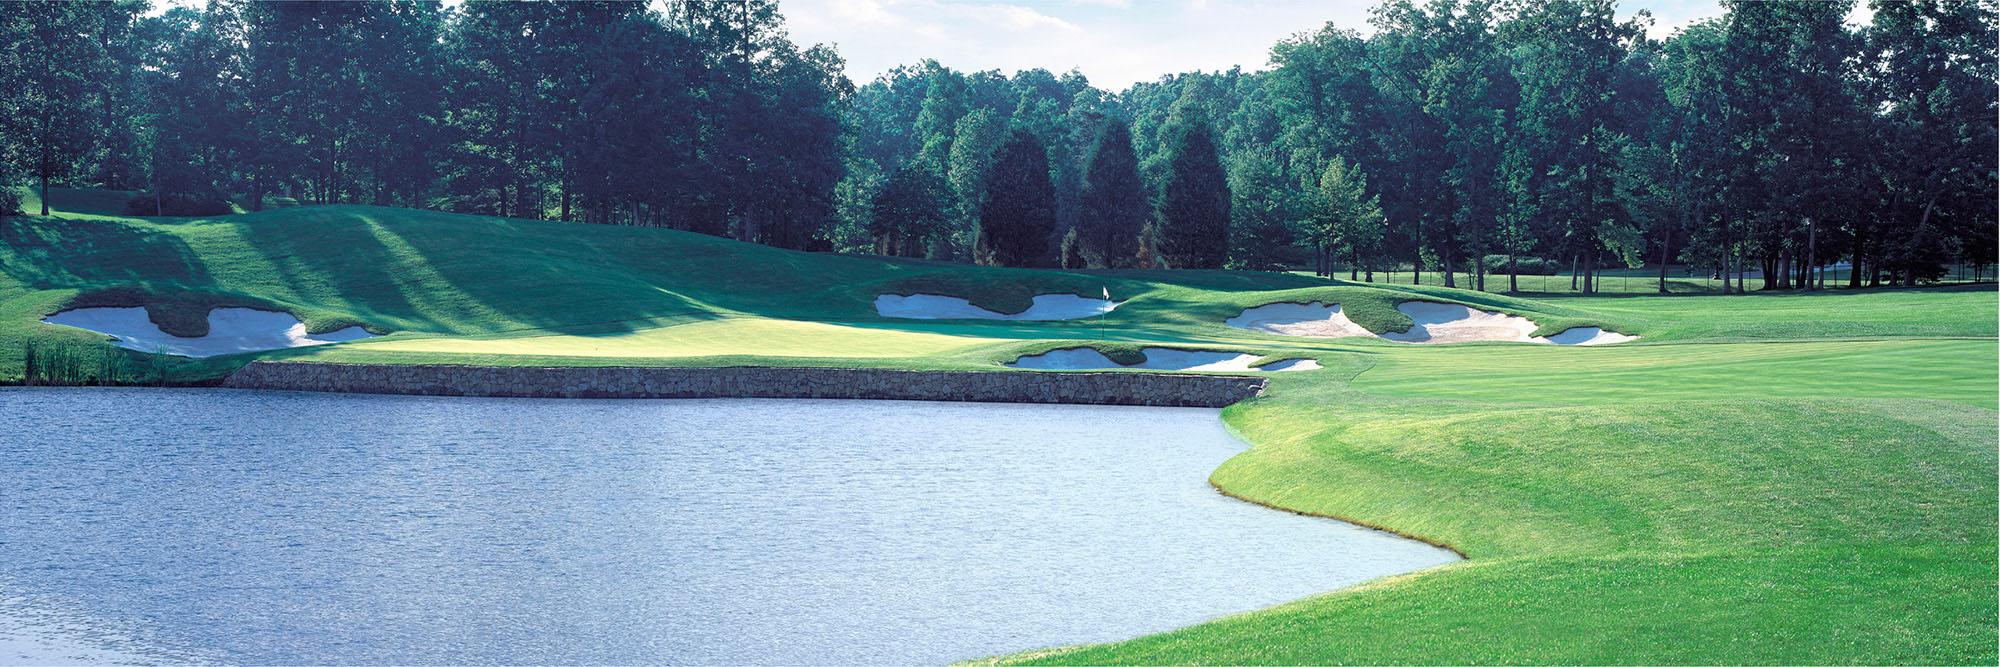 Golf Course Image - Robert Trent Jones No. 14